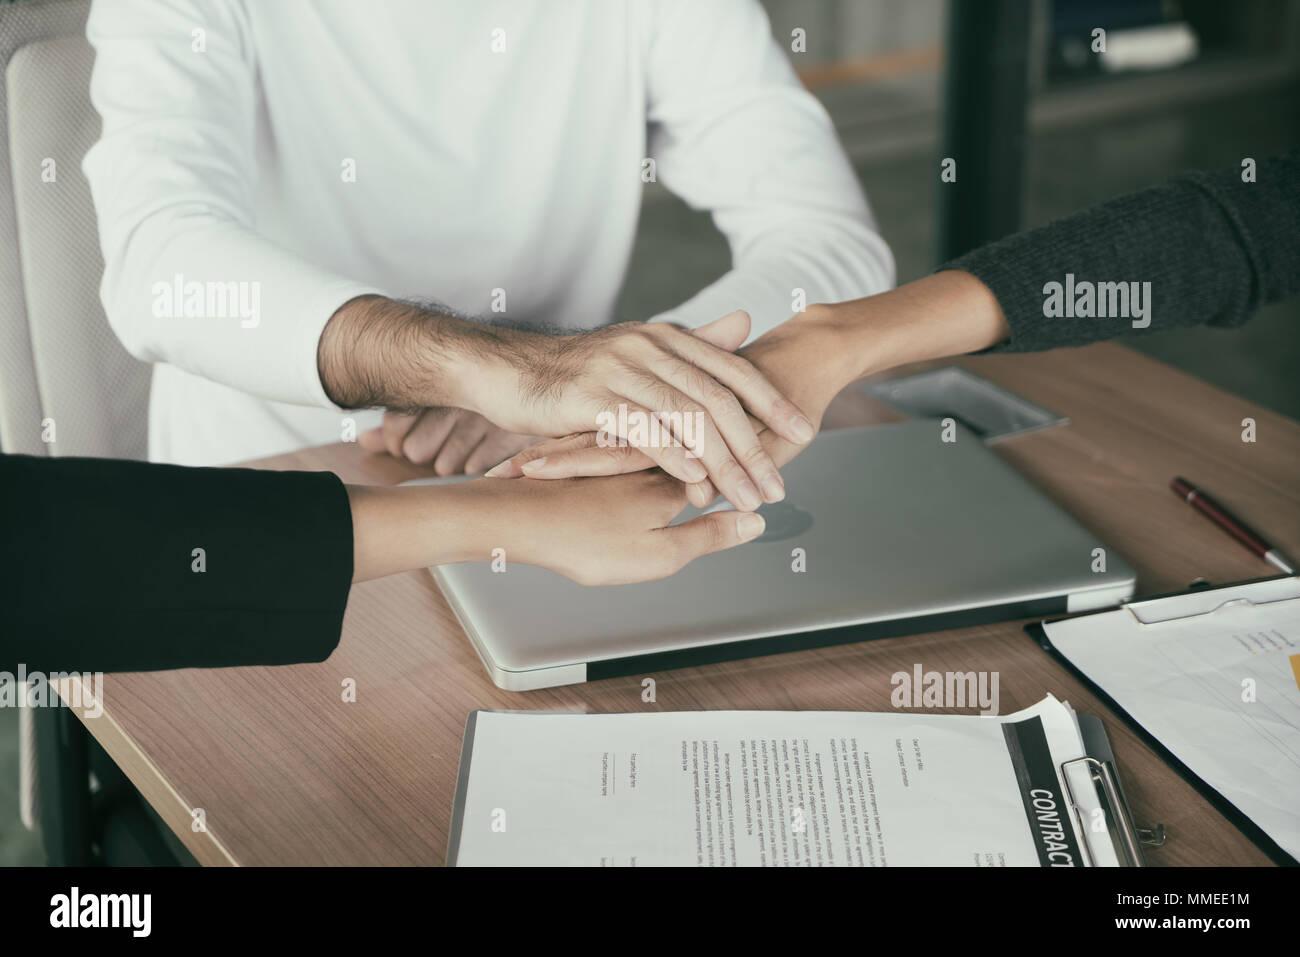 Attraktiv Drei Business Partner Team Mit Hände Zusammen Zu Begrüßung Bis Projekt Im  Büro Beginnen. Business Meeting Konzept